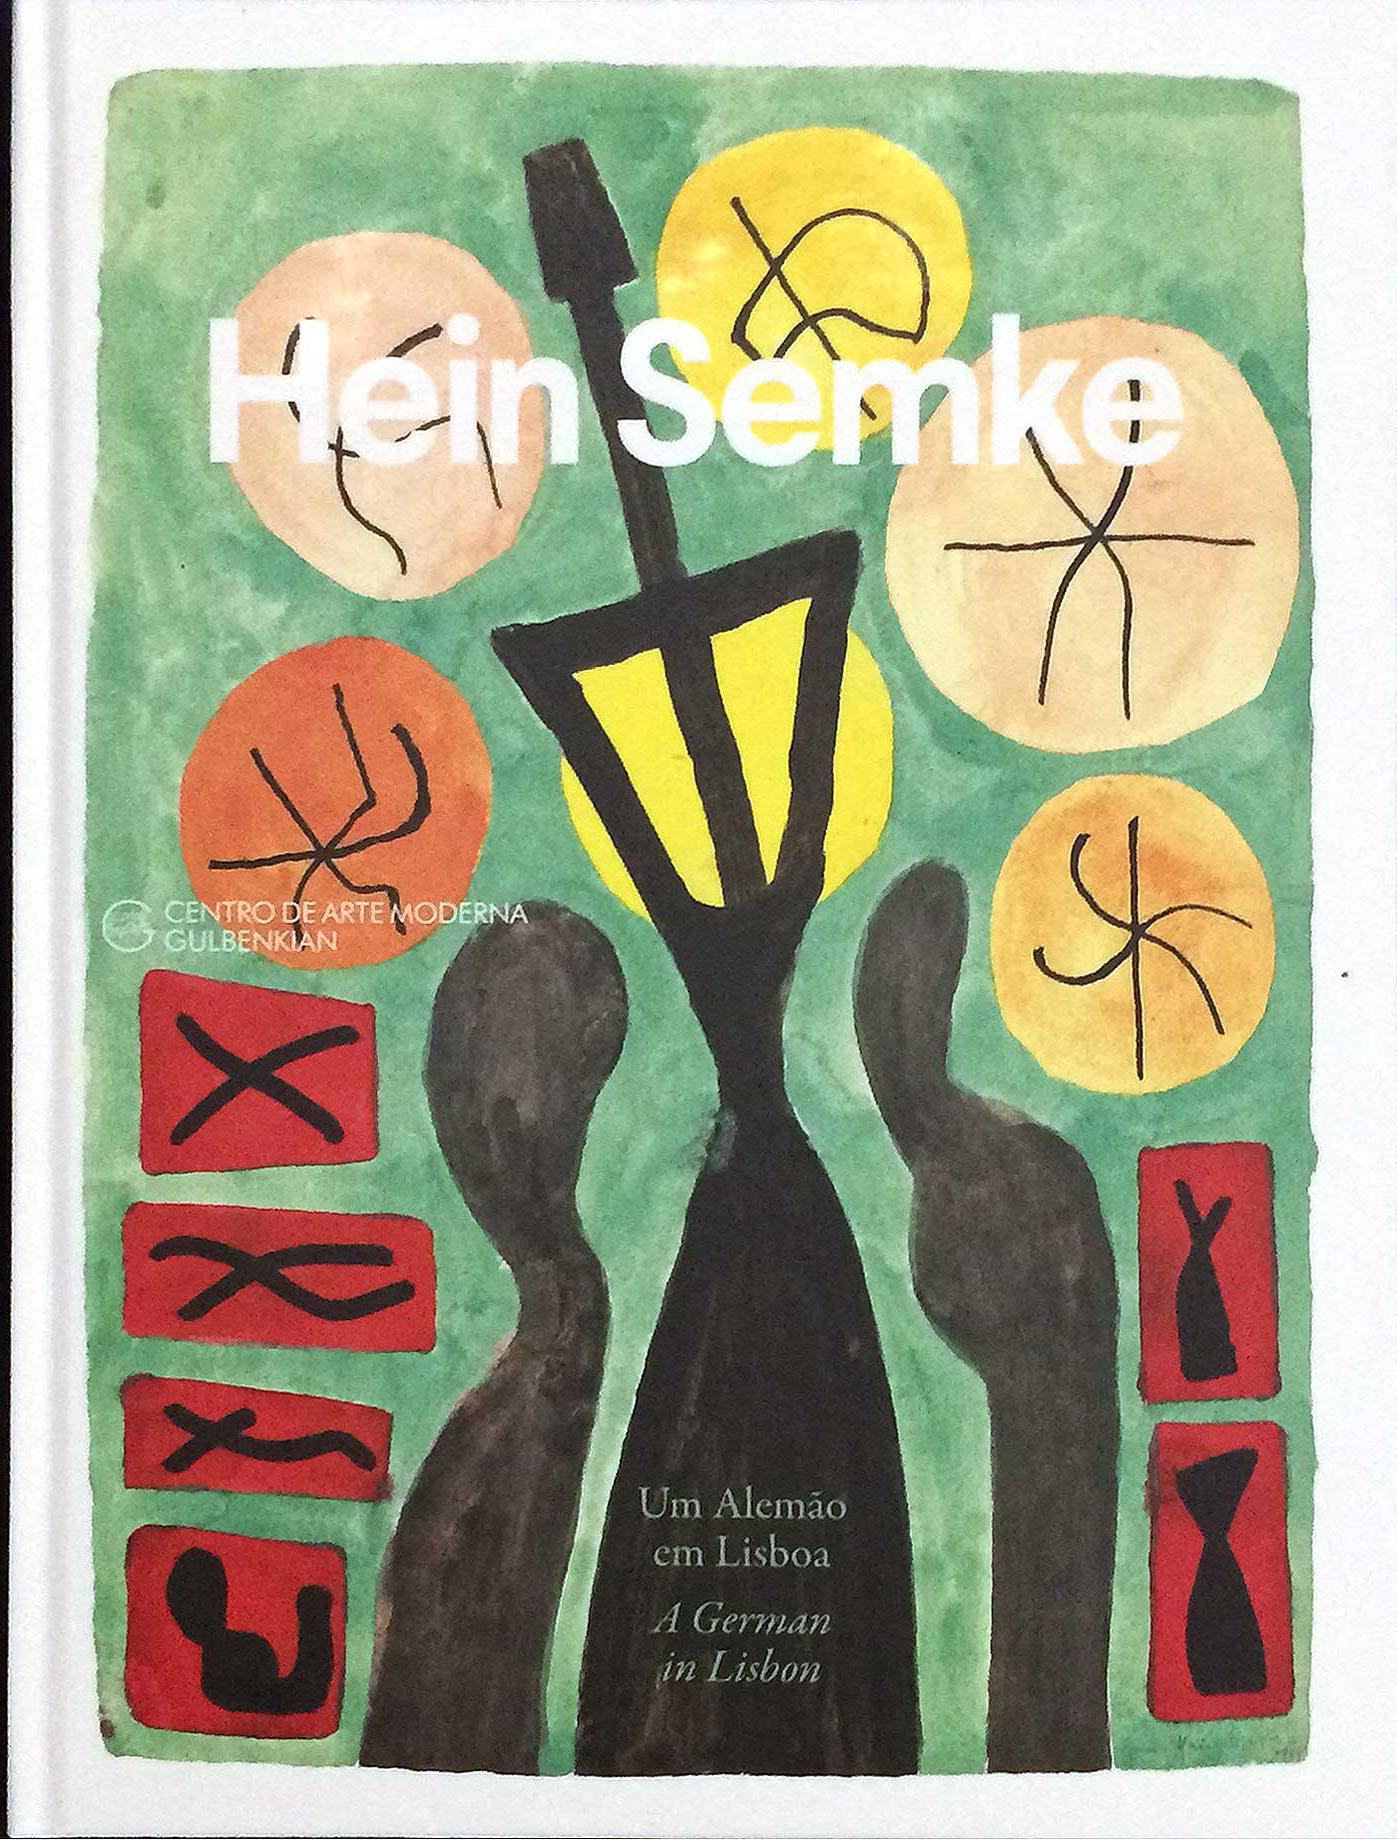 Hein Semke: A German in Lisbon